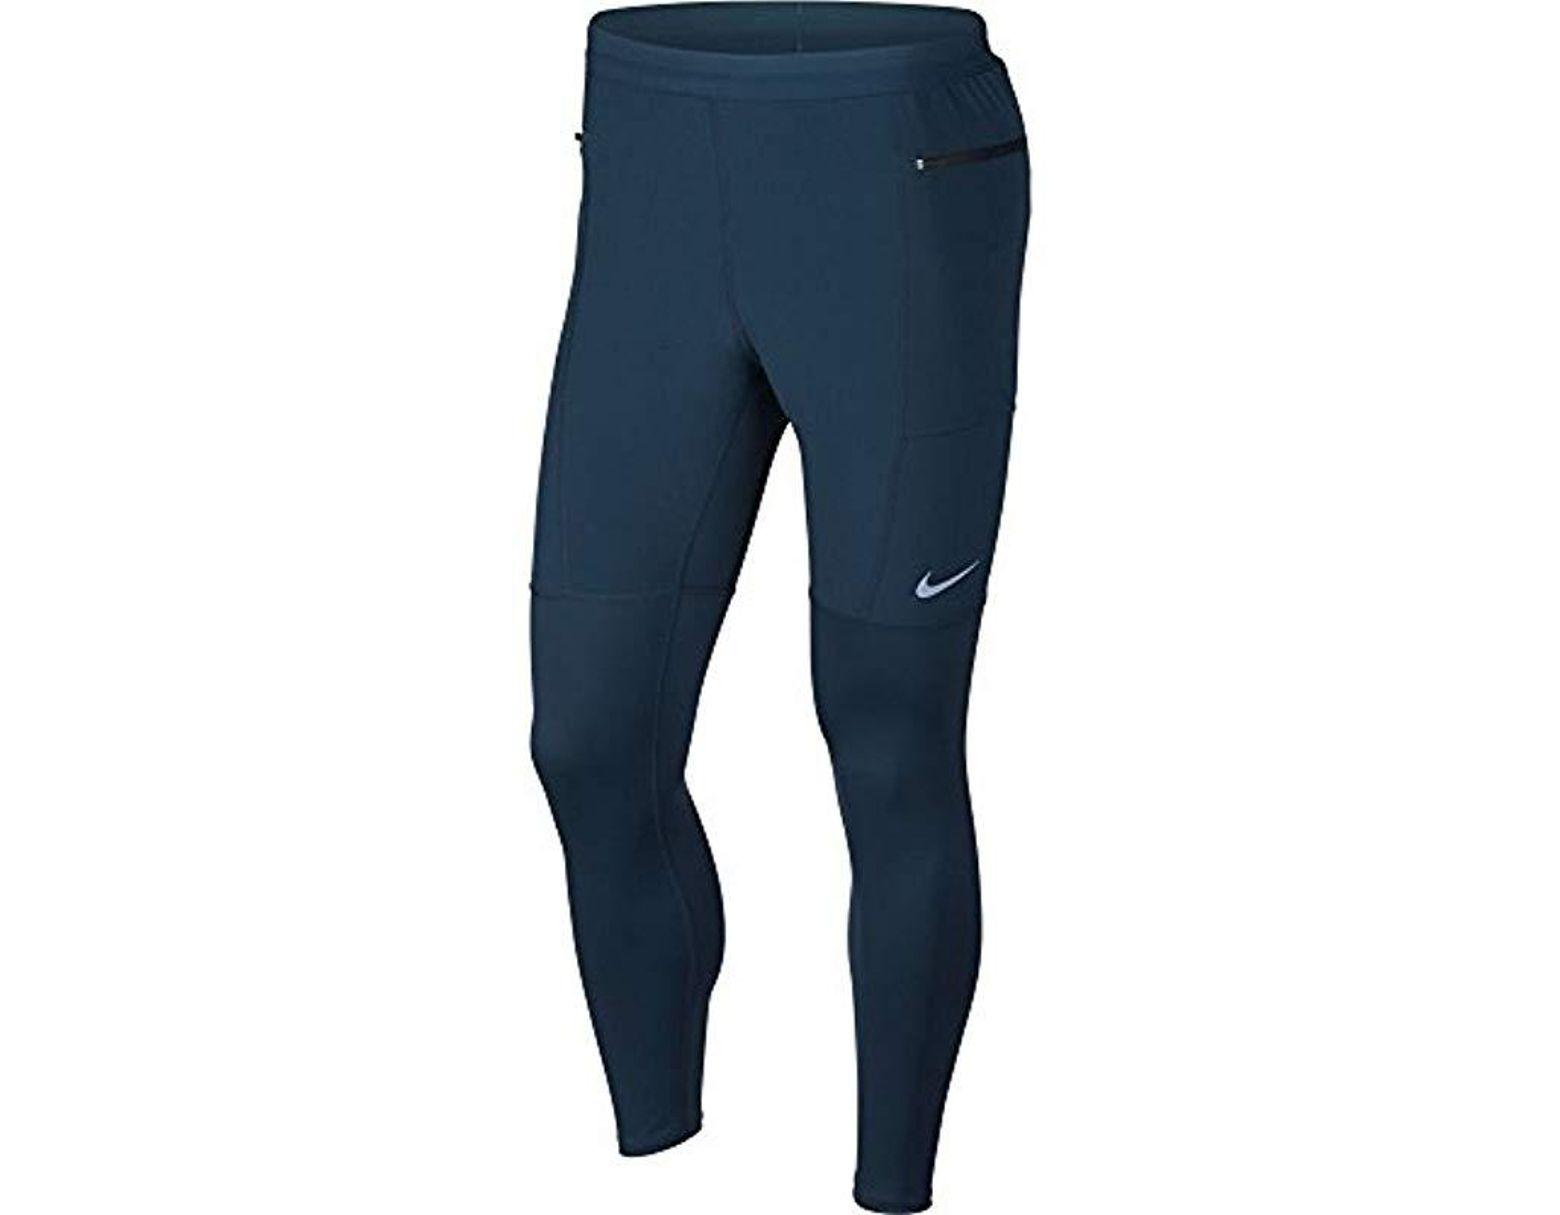 014d28a36fe Pantalones Deportivos para Hombre Nike de hombre de color Azul - Lyst